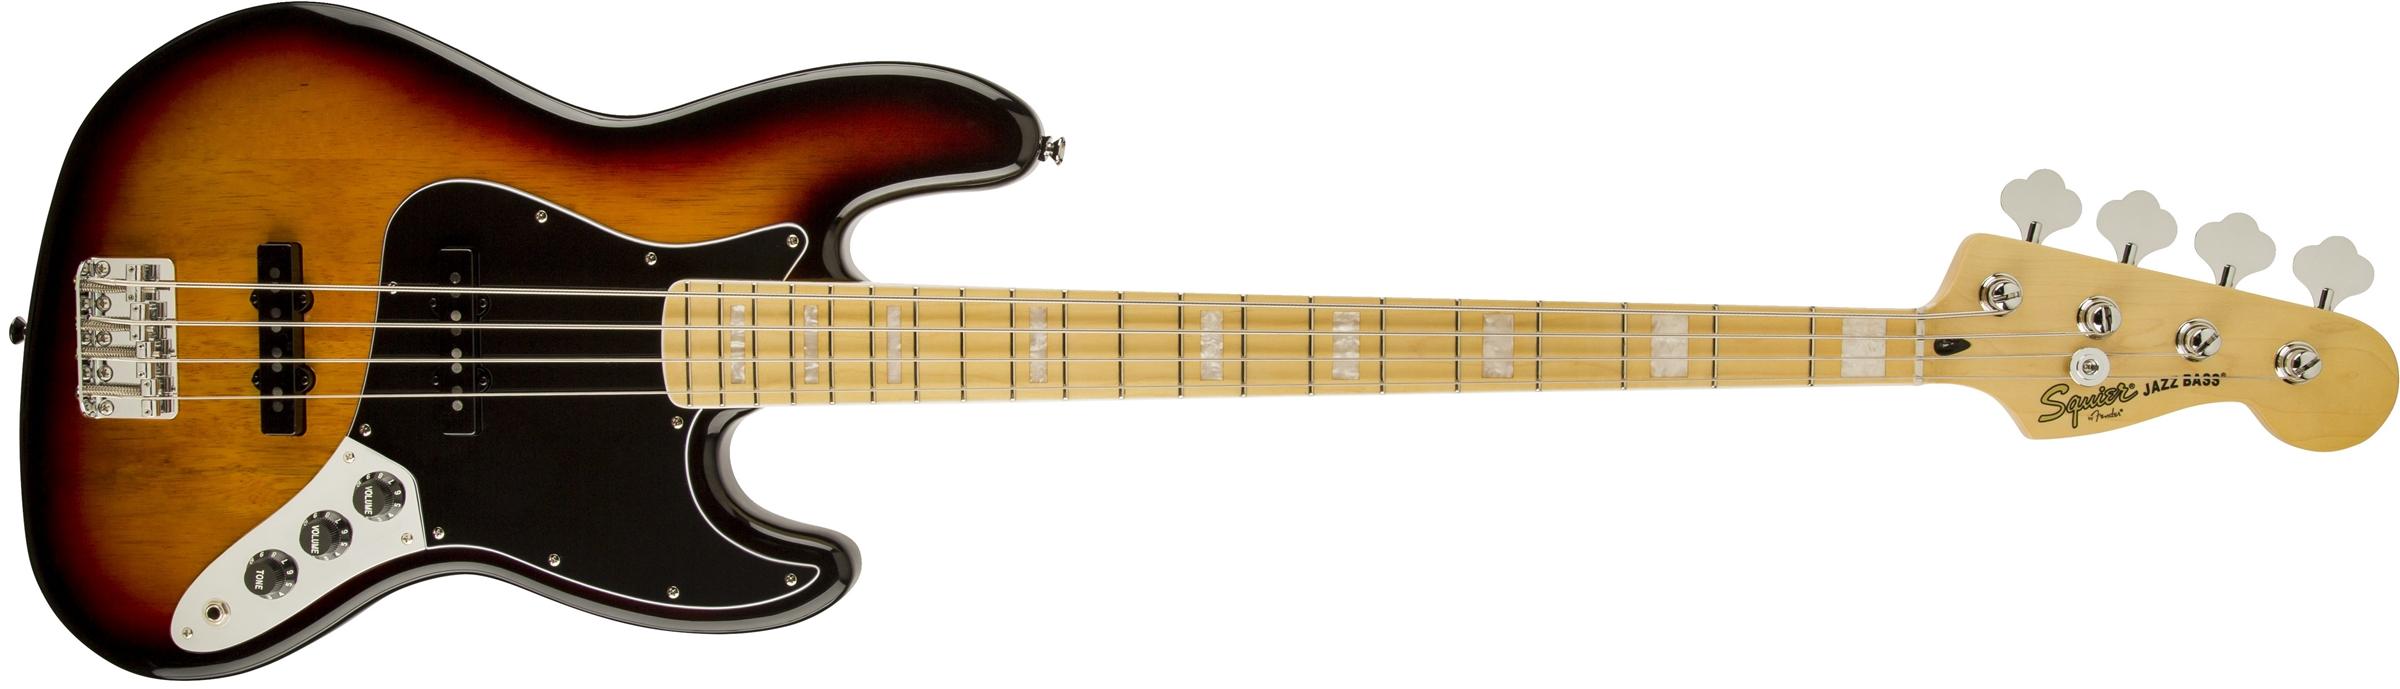 Vintage modificado squier jazz bass